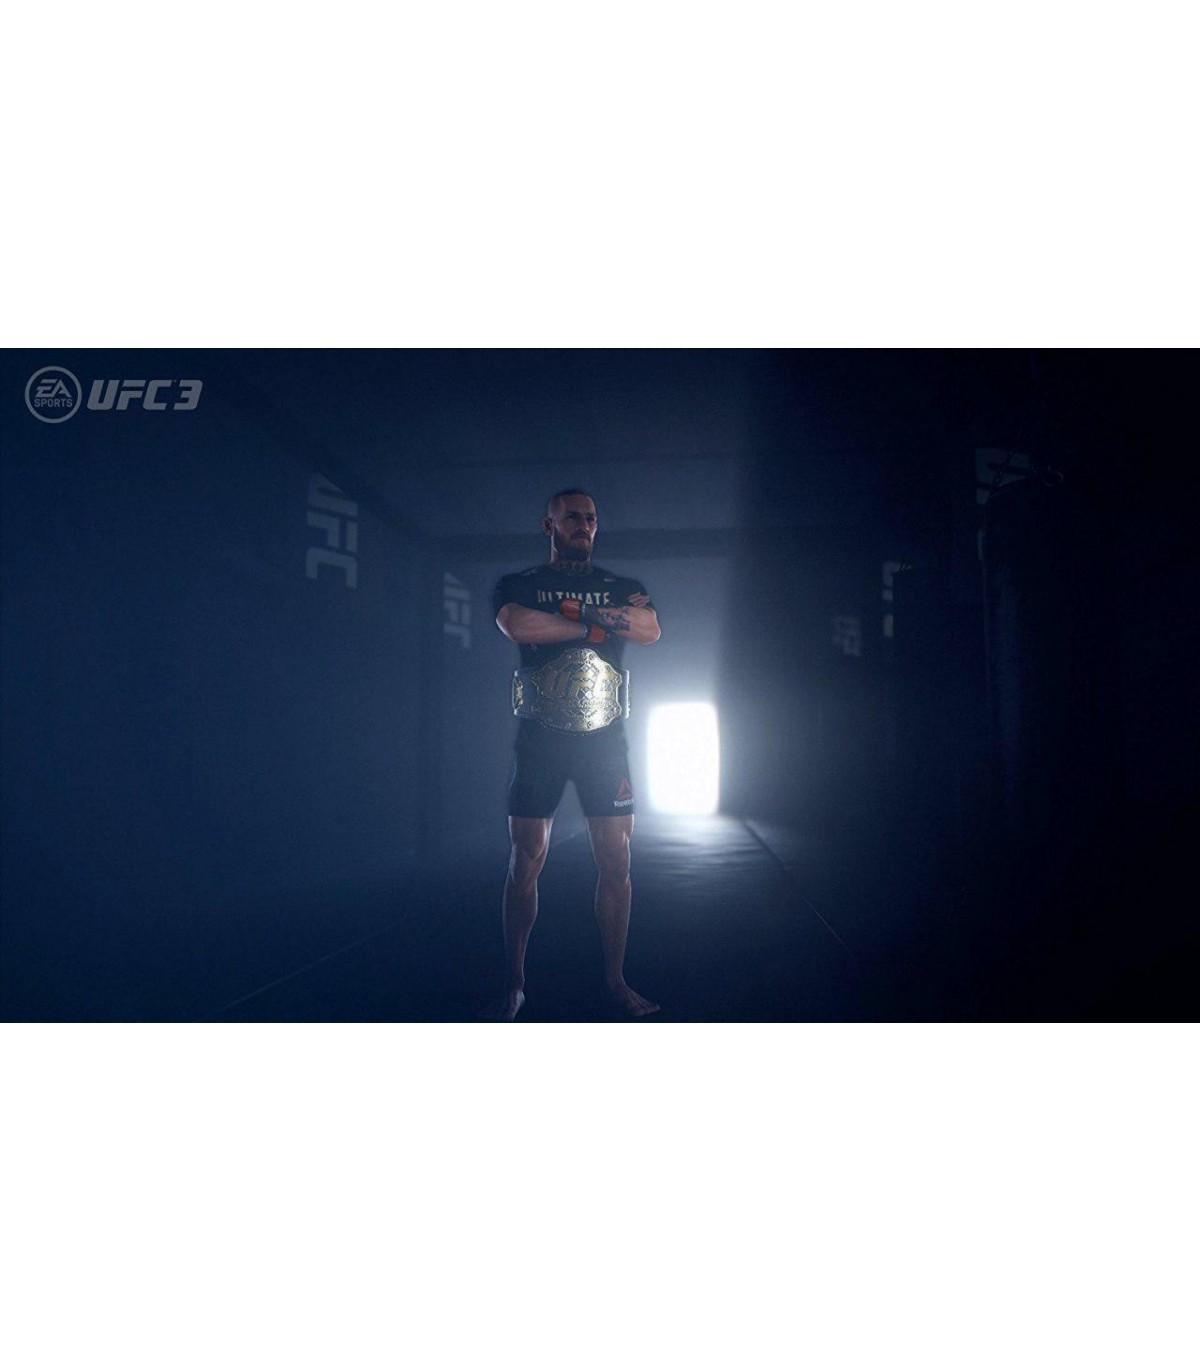 بازی UFC 3 Champions Edition - پلی استیشن 4